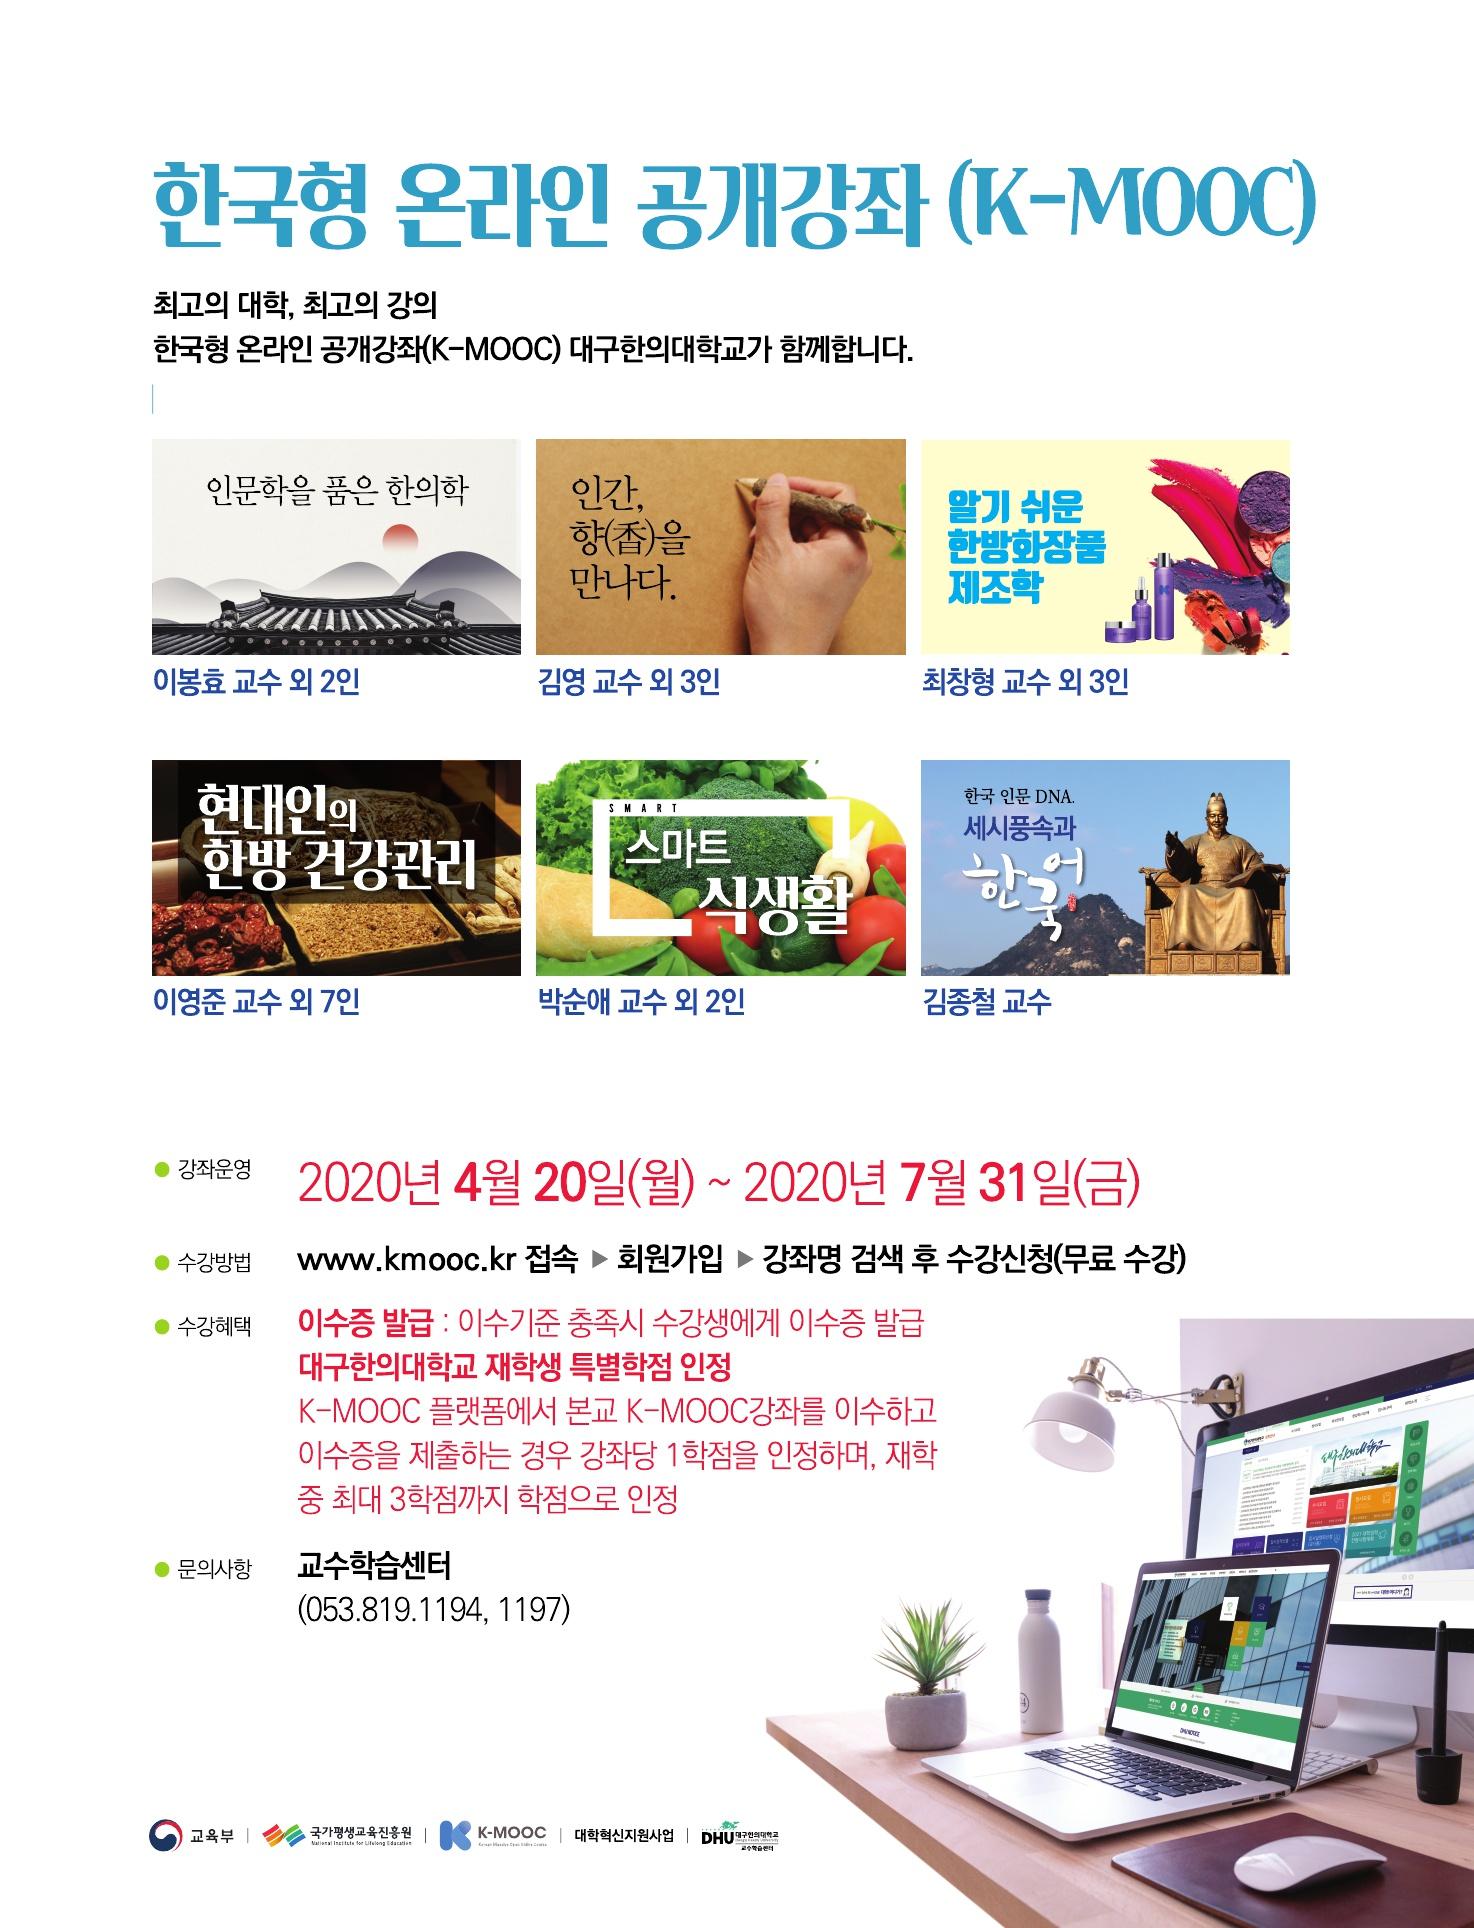 K-MOOC